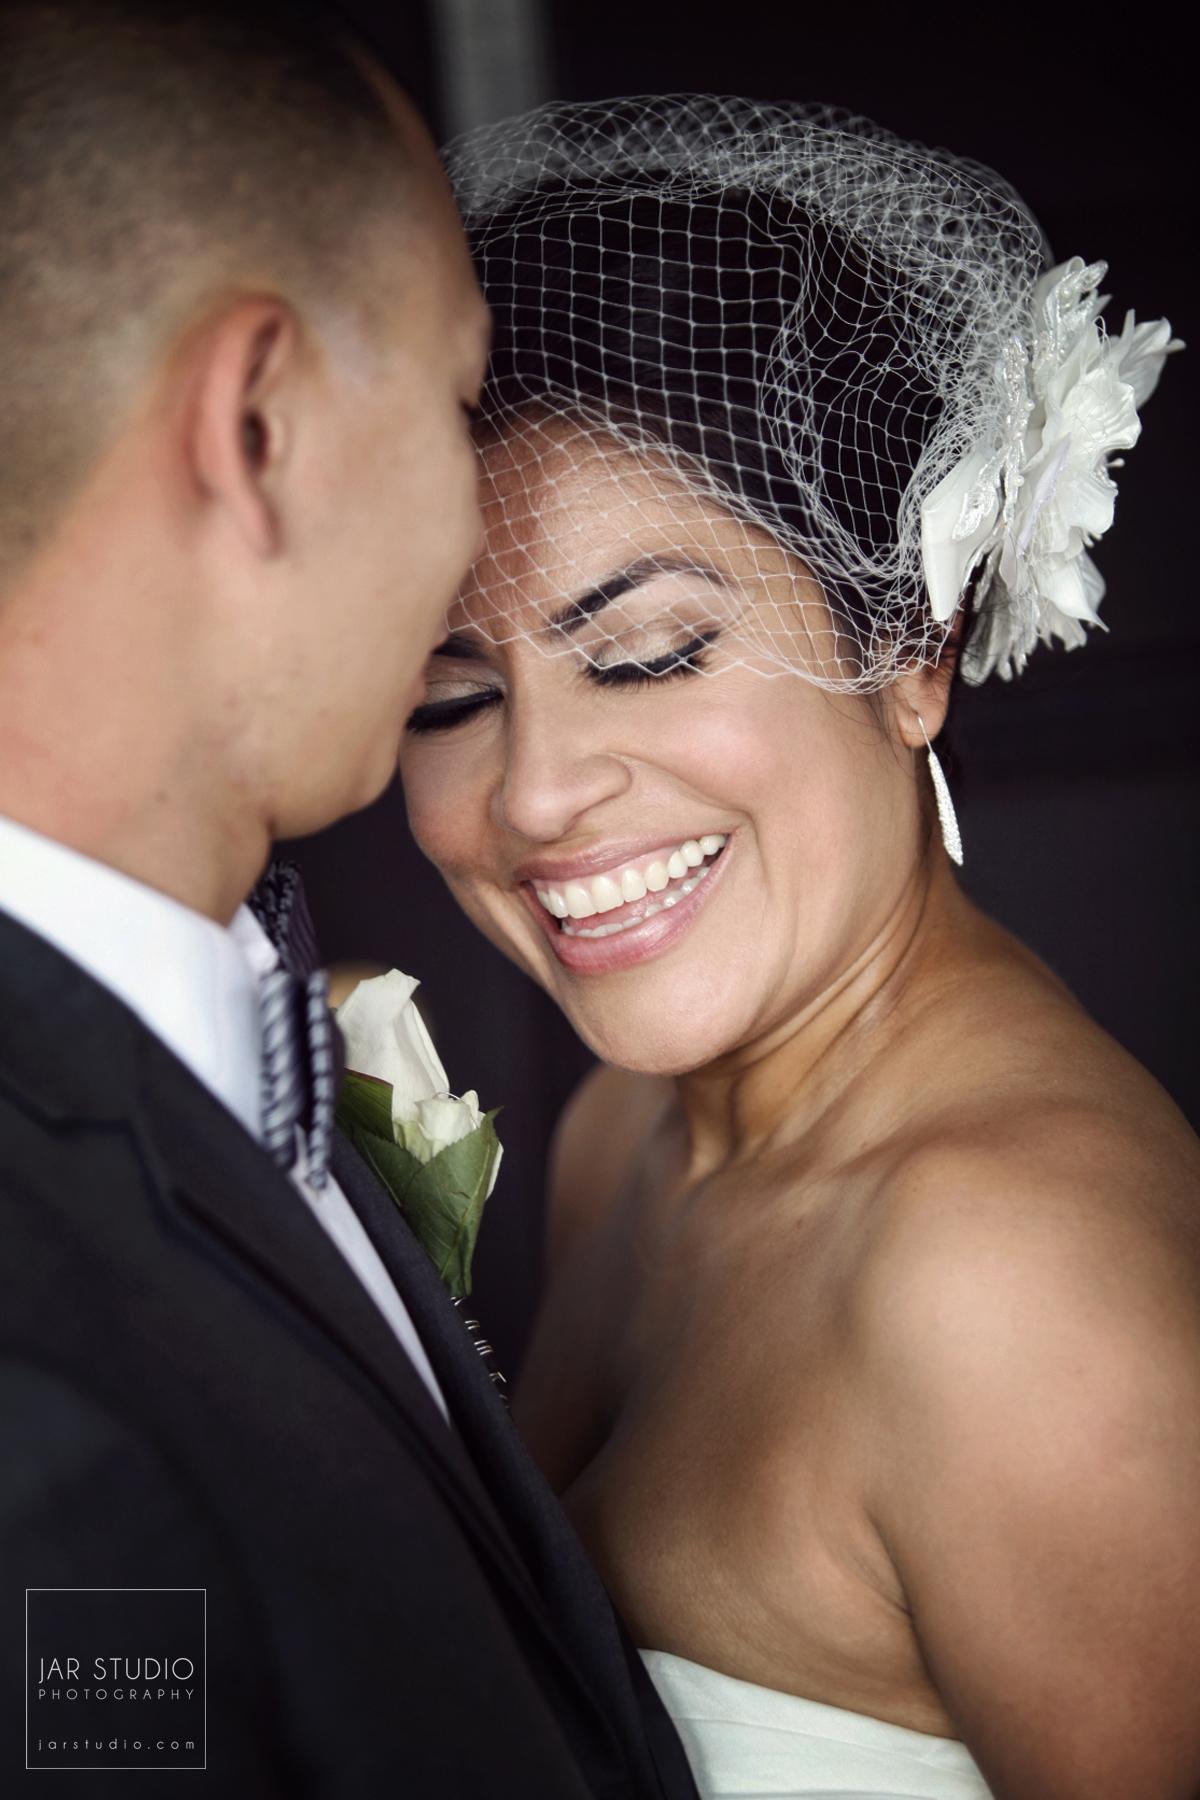 19-happy-bride-beautiful-photography-jarstudio-orlando.JPG